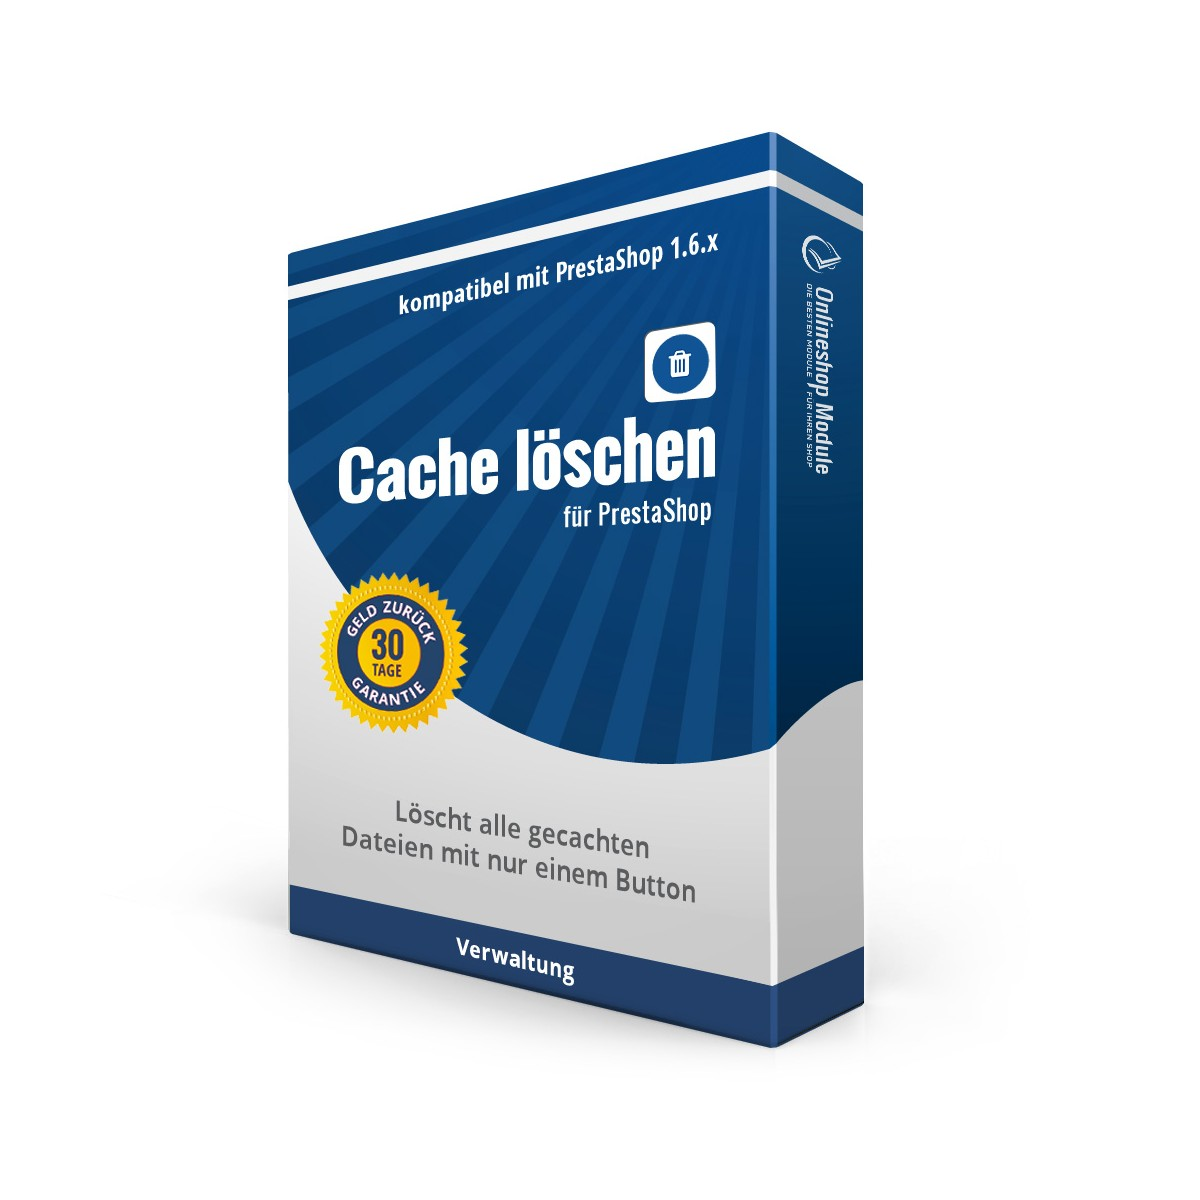 Modul Cache löschen für PrestaShop 1.6